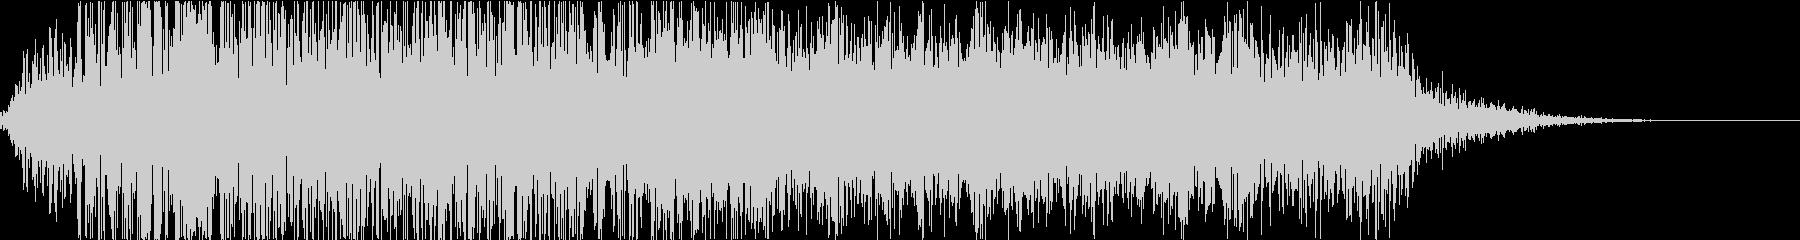 怪物・モンスターの鳴き声・ゲーム・映画hの未再生の波形